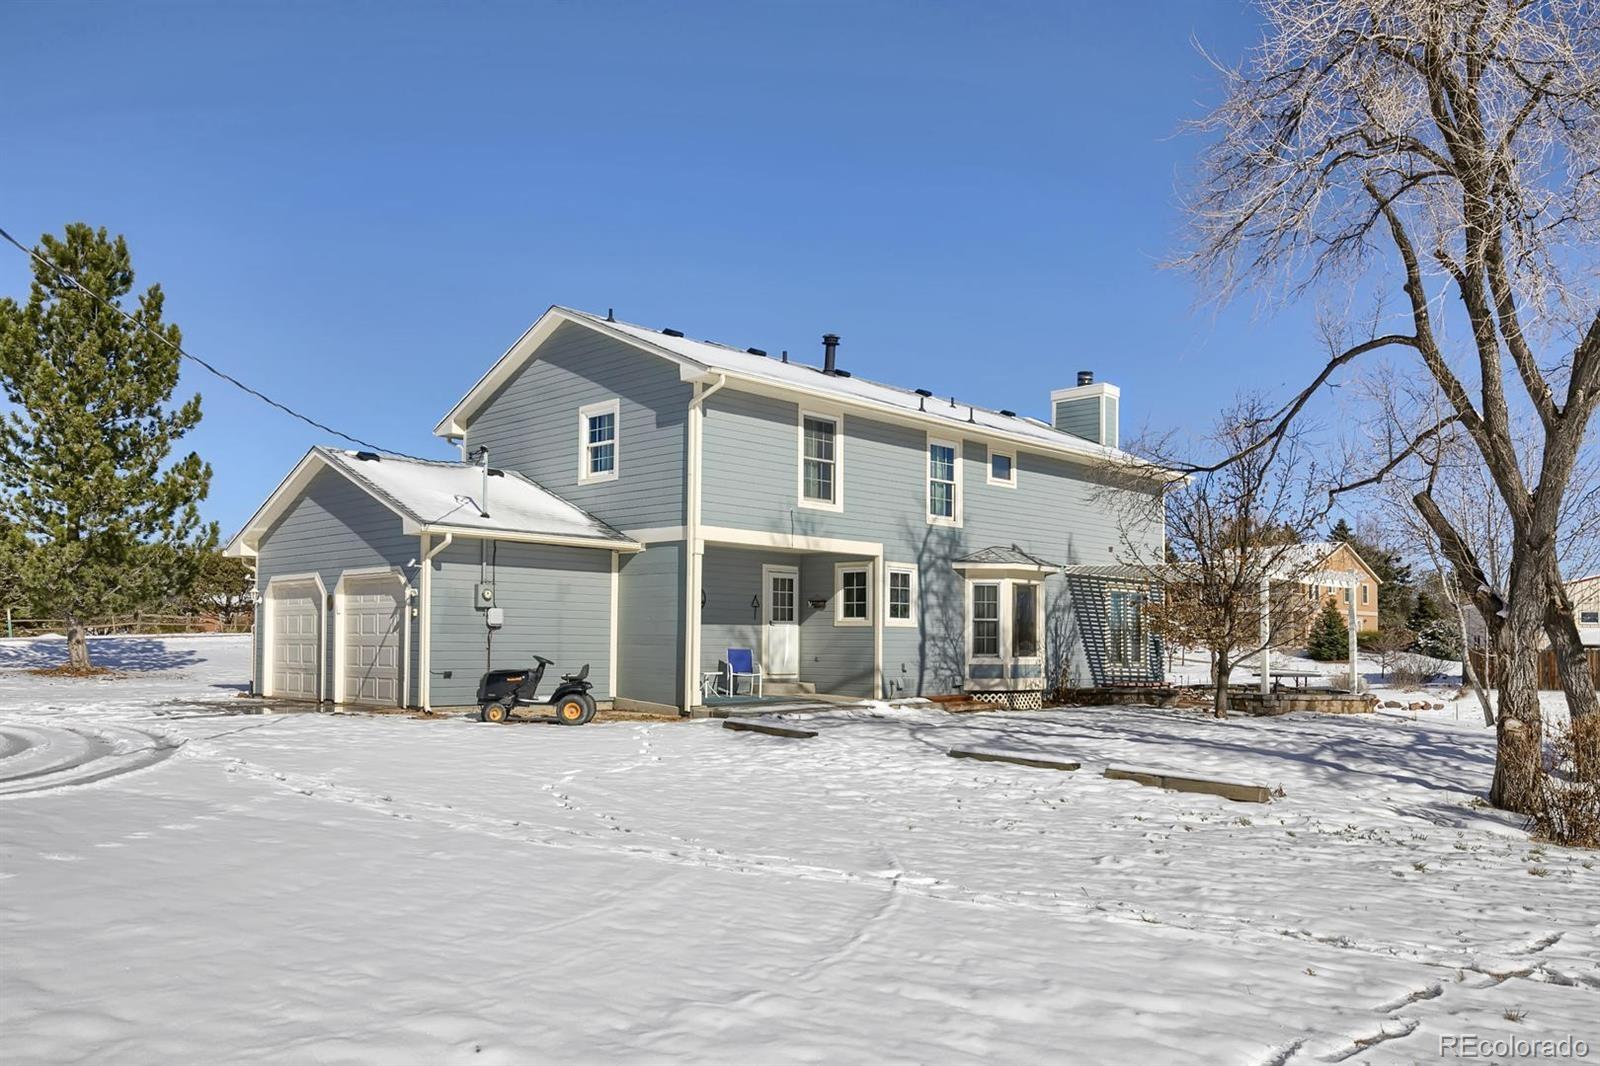 MLS# 8054949 - 16 - 5209 Brady Road, Colorado Springs, CO 80915